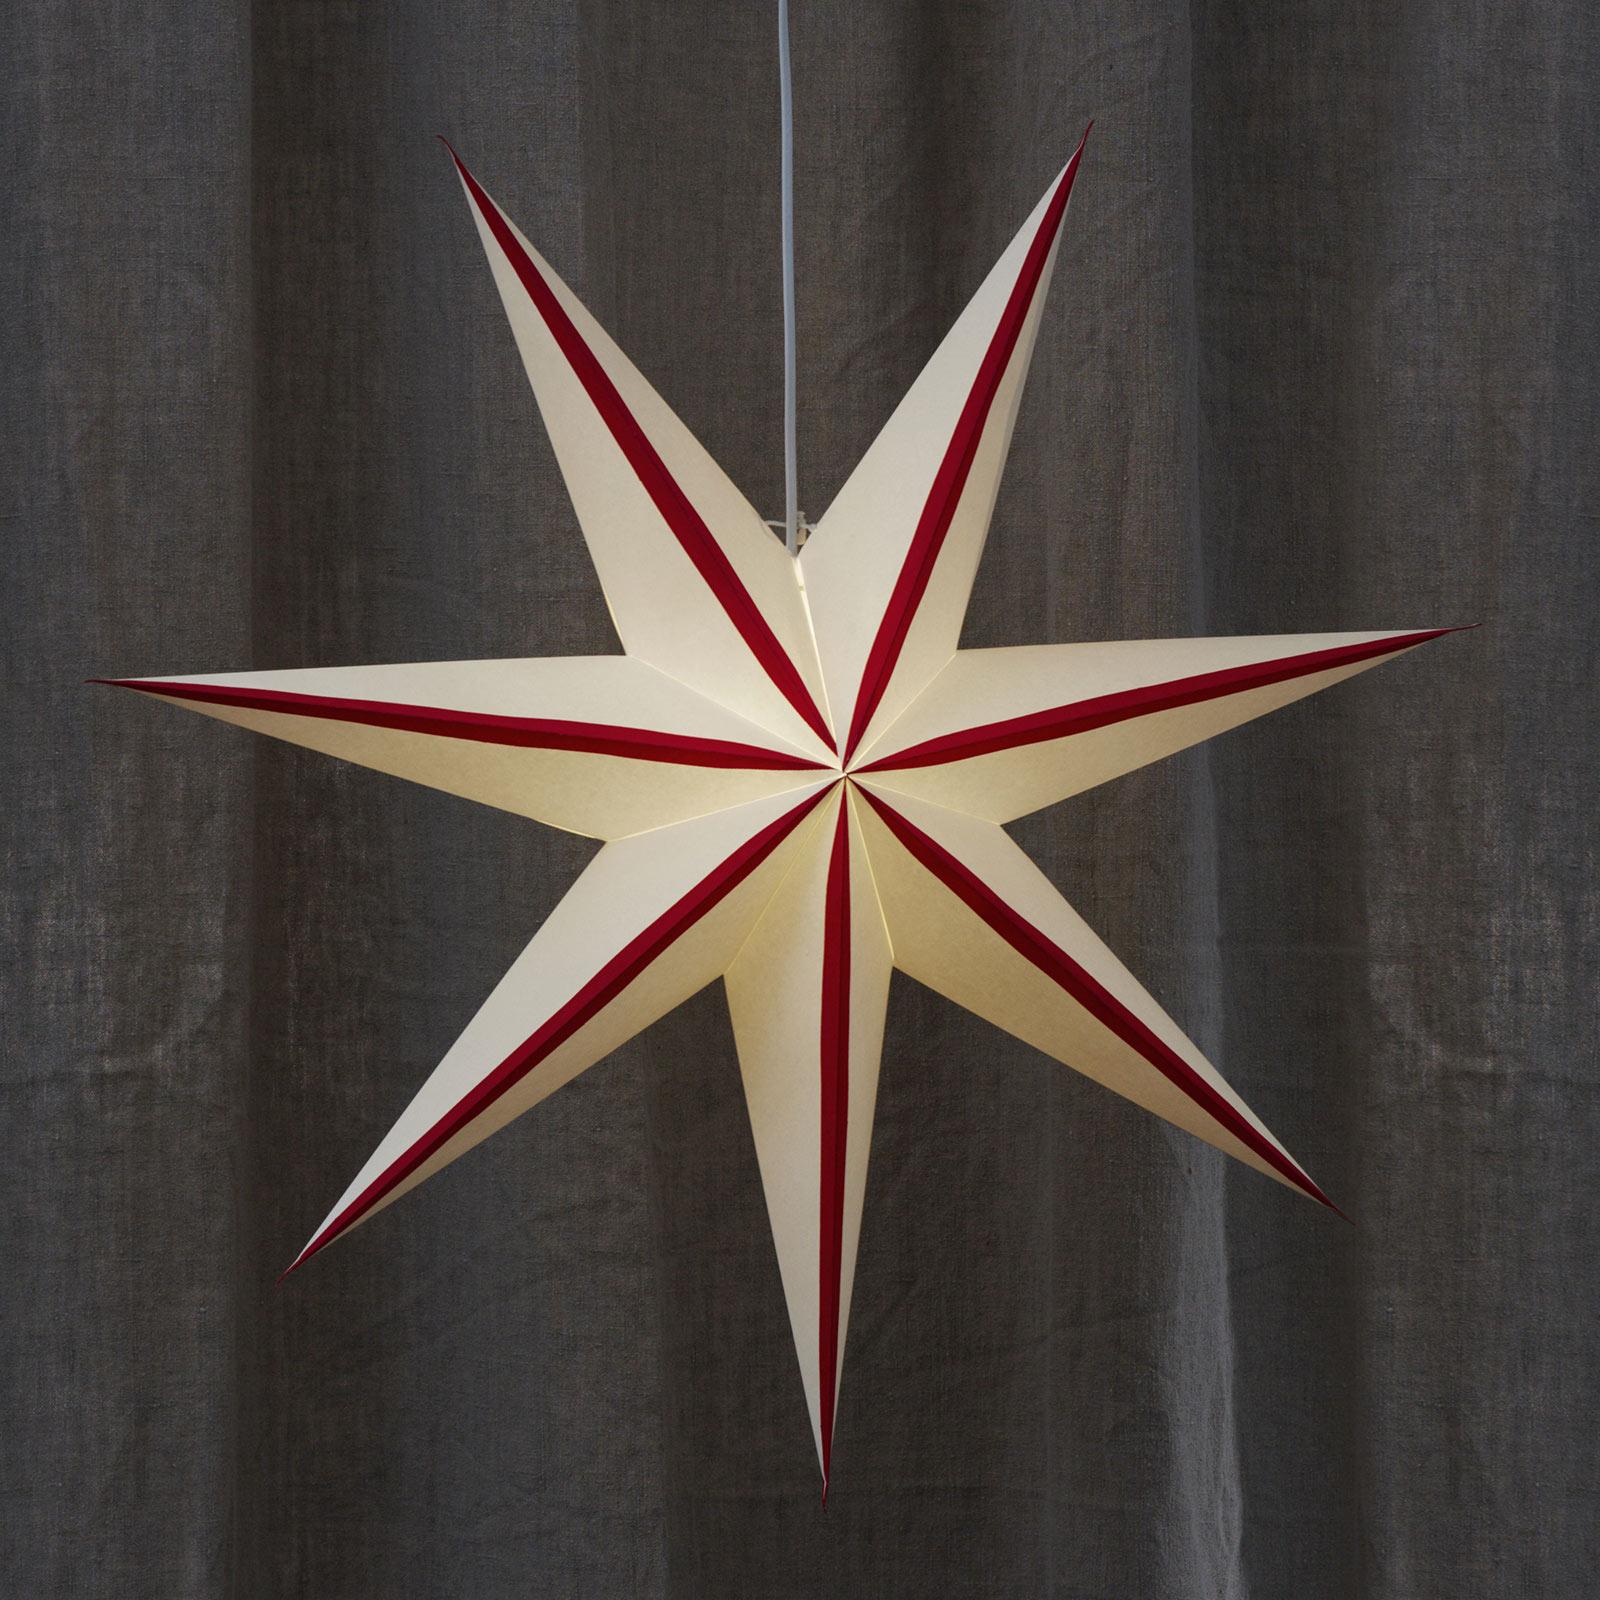 Randi stjerne af papir, hvid, rød